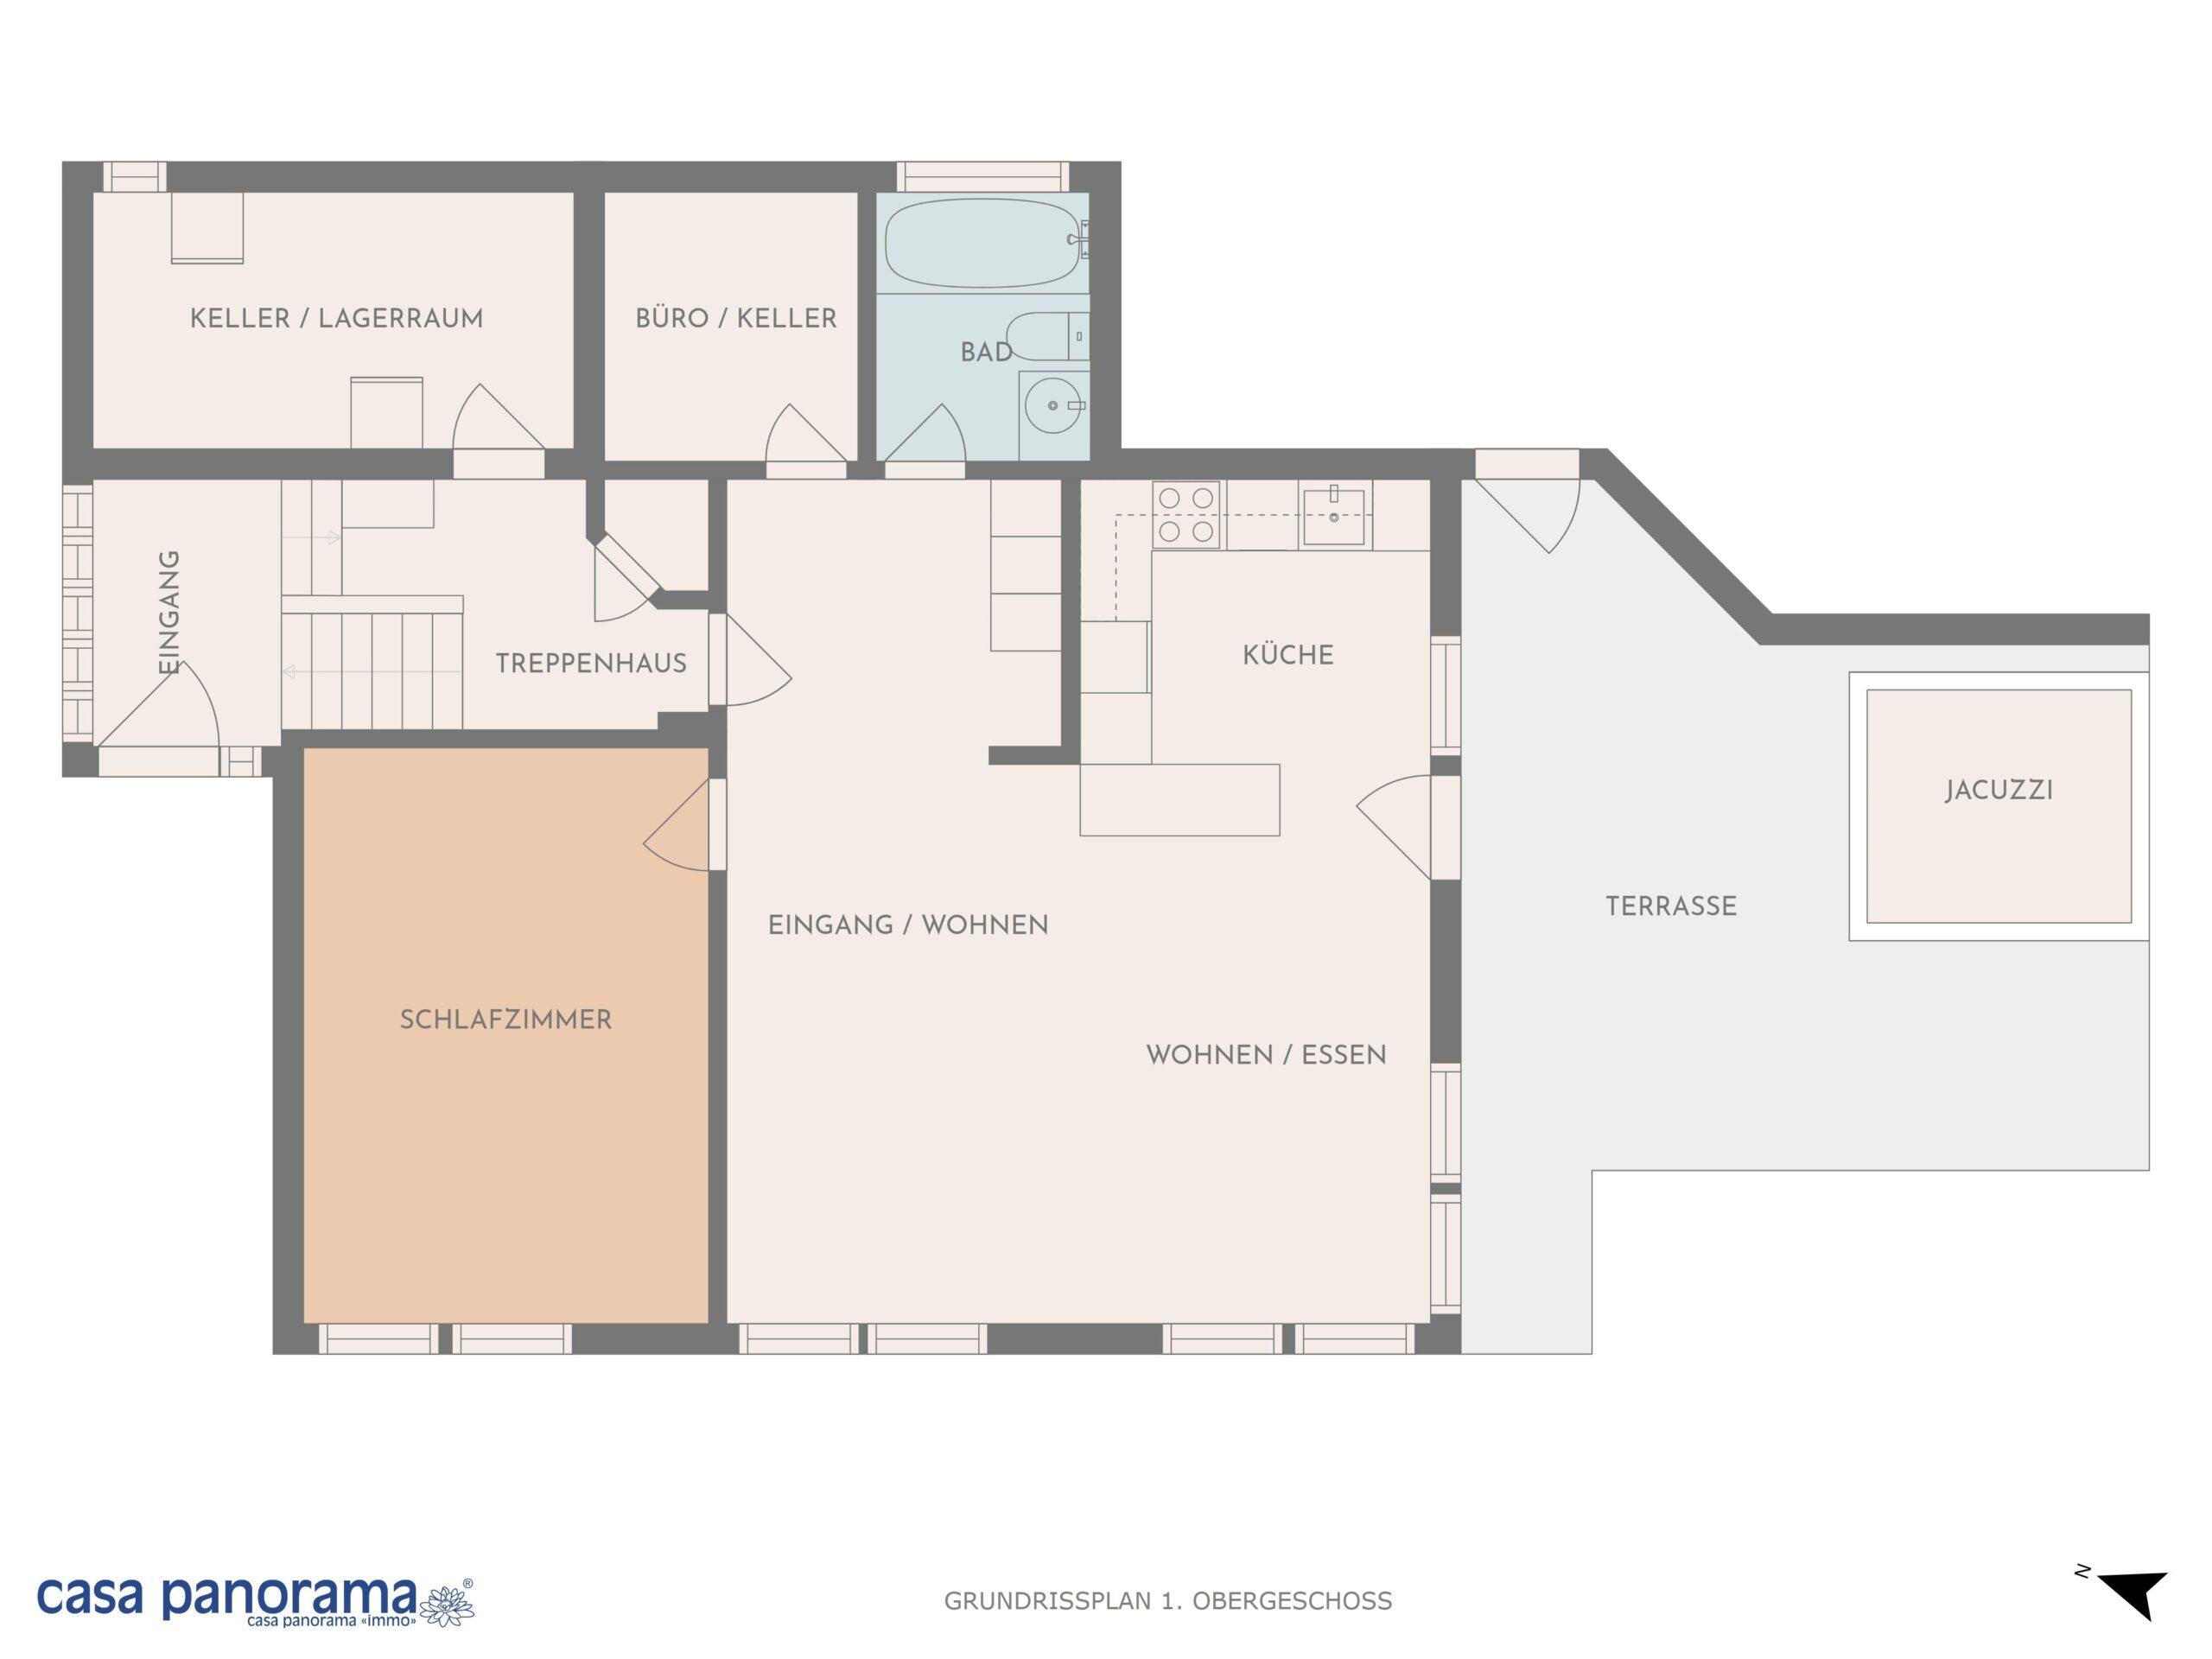 Grundrissplan 1. Obergeschoss